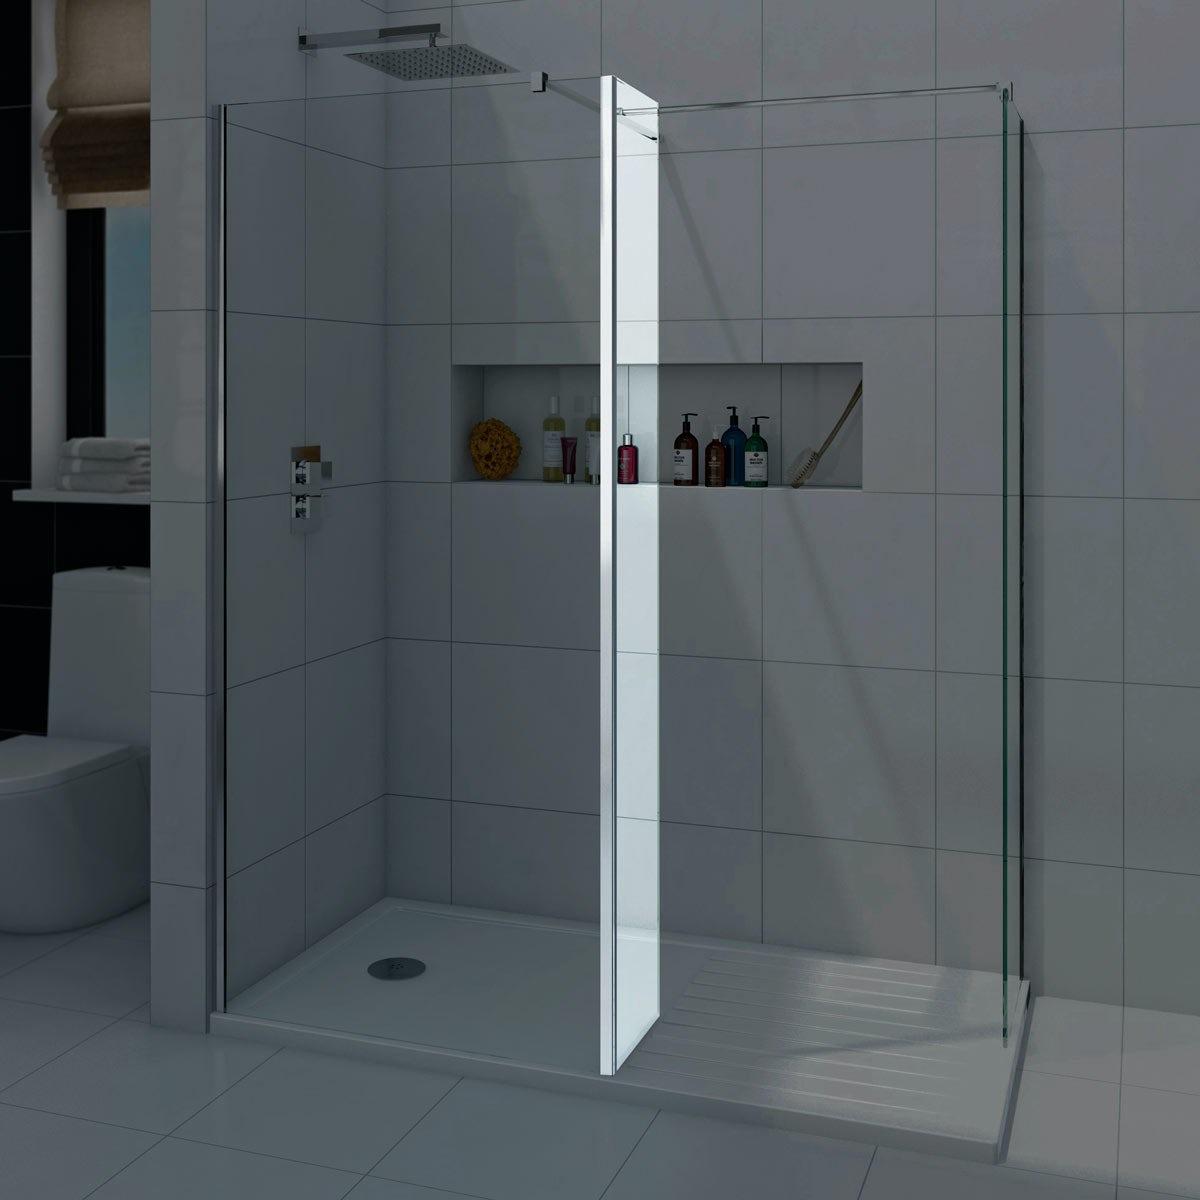 Mode 8mm wet room glass return panel 300mm